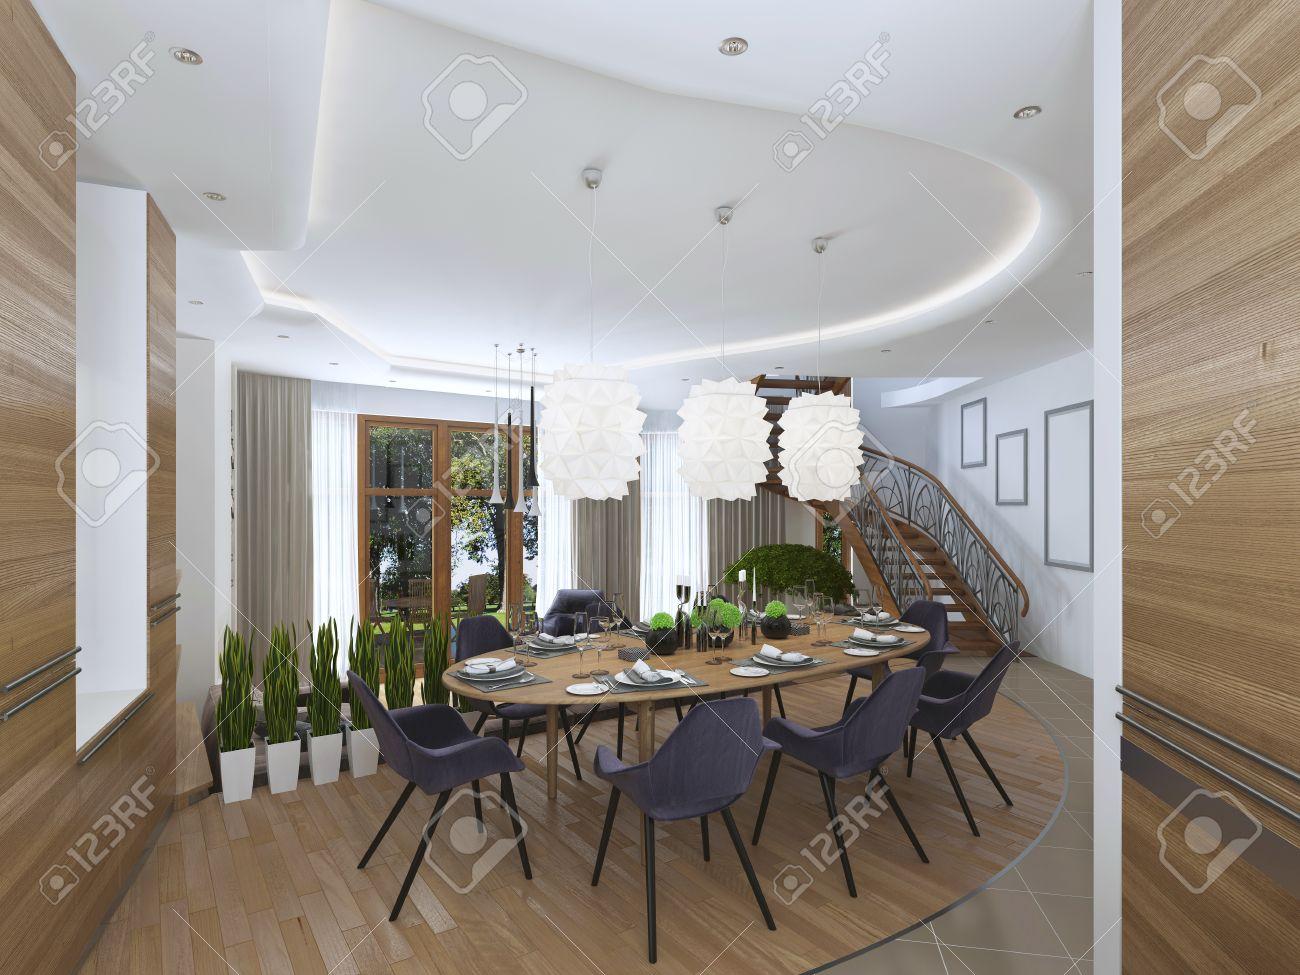 Fantastisch Design Ideen Für Küche Speisesaal Galerie .